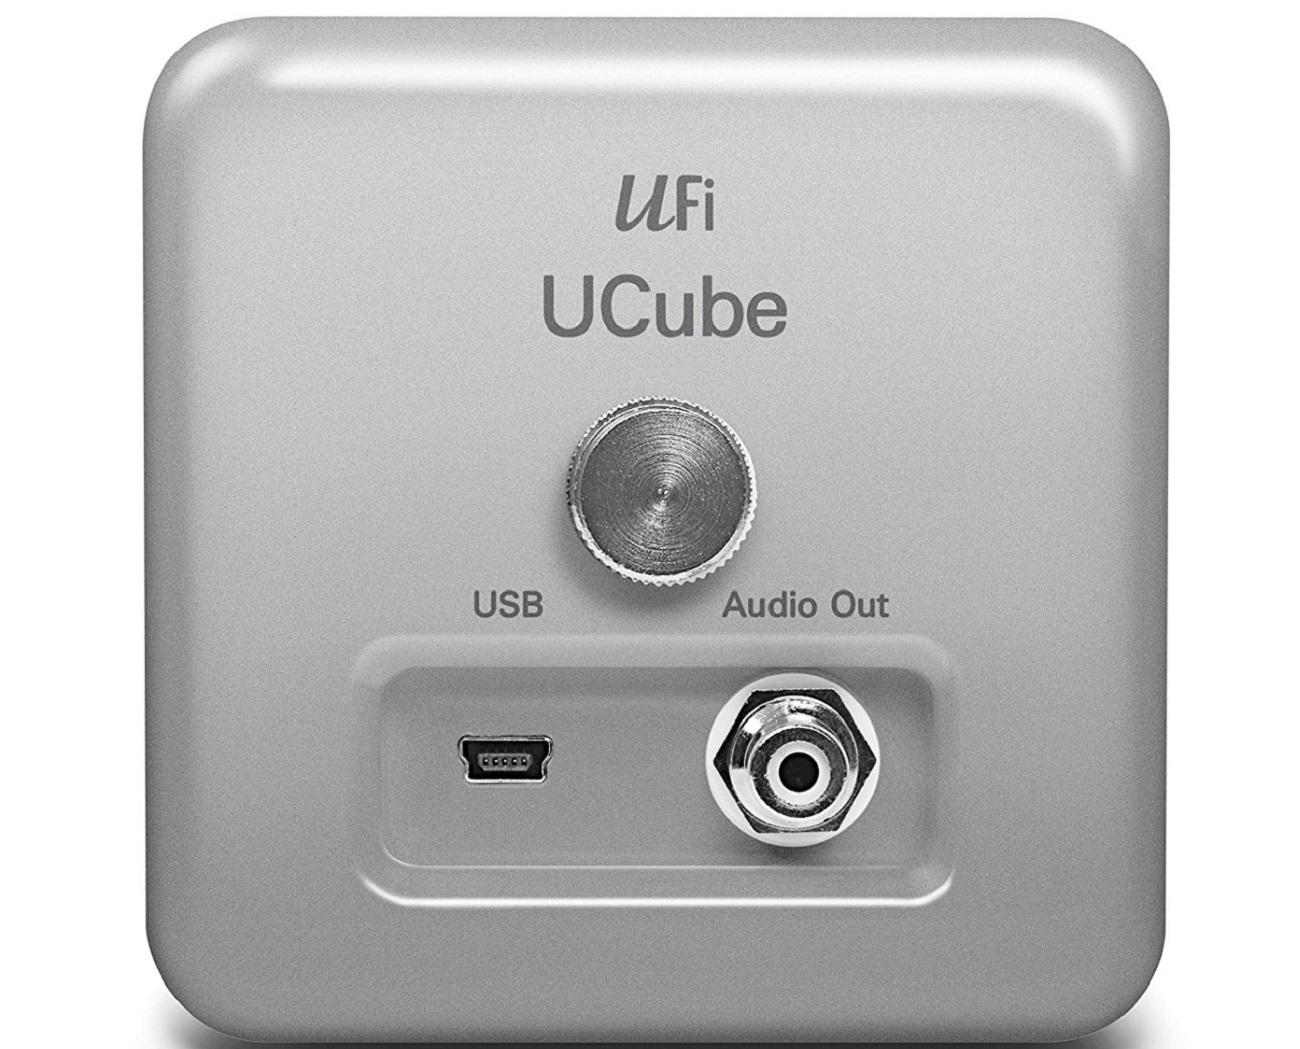 UFi UCube Speakers